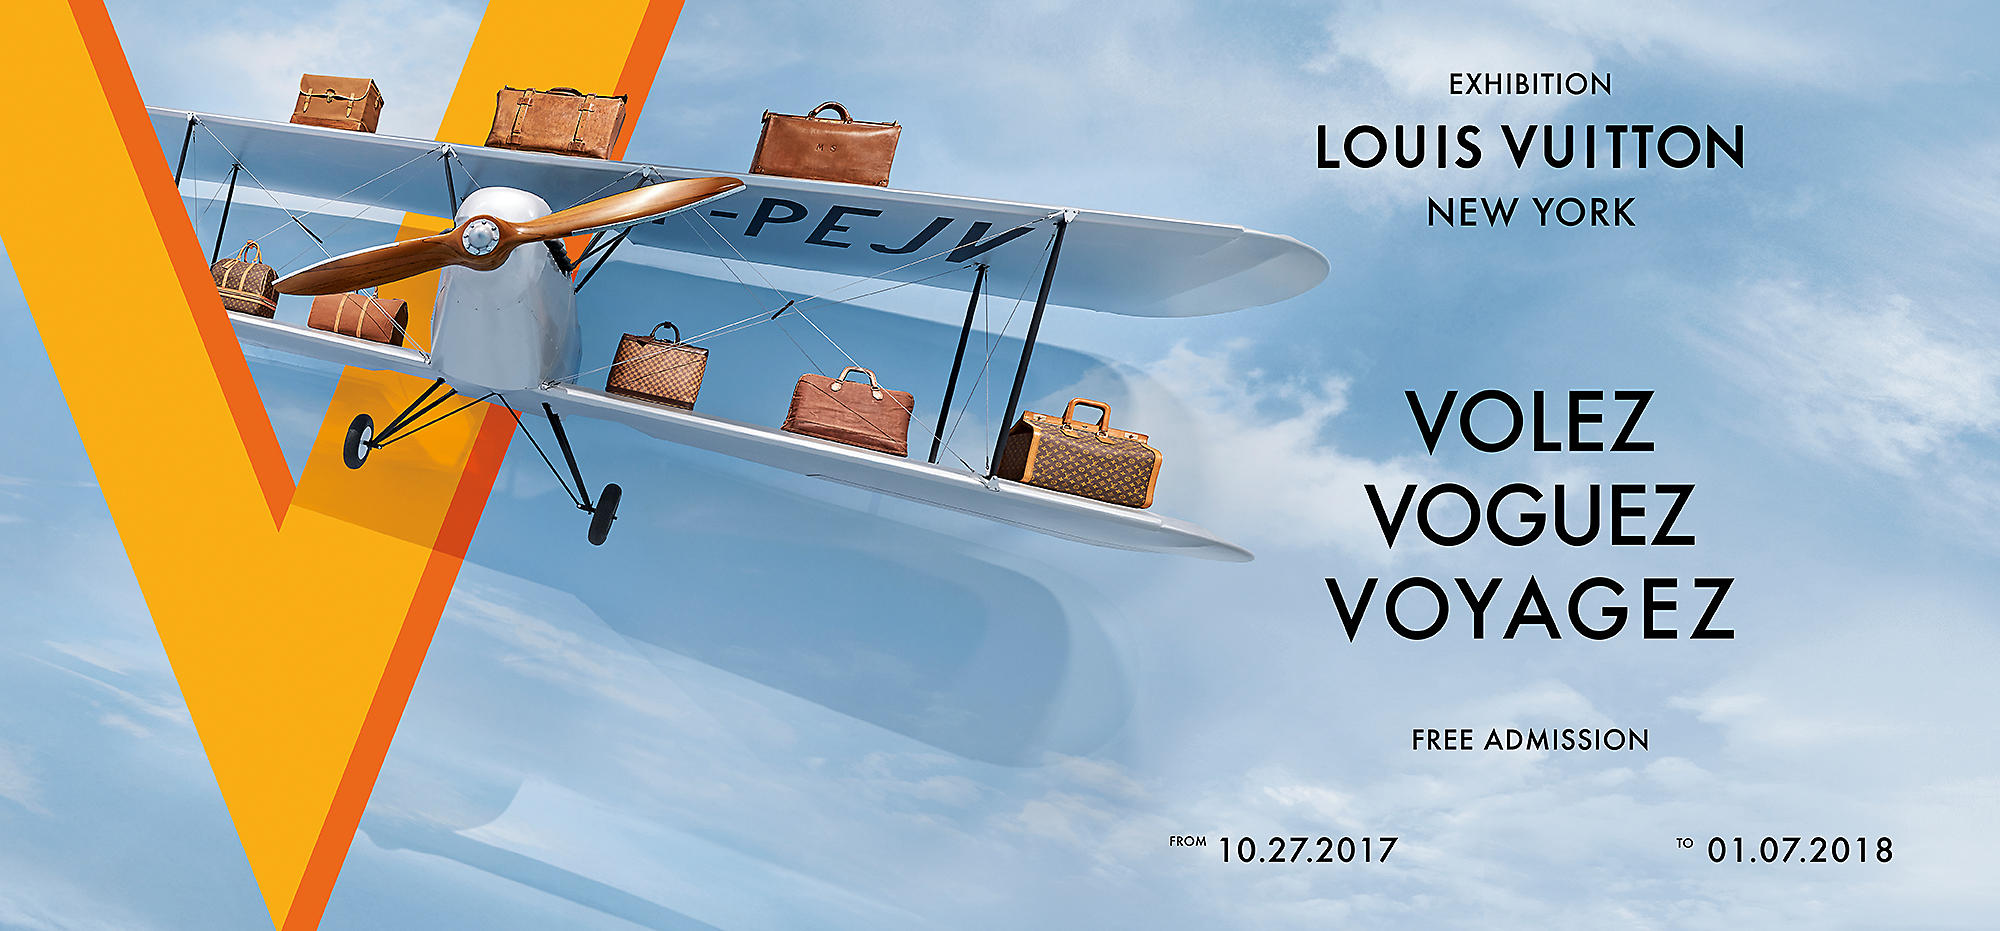 louis-vuitton-volez-voguez-voyagez--WOLV_HSF_VVV_New_York_Expo_DI1.jpg